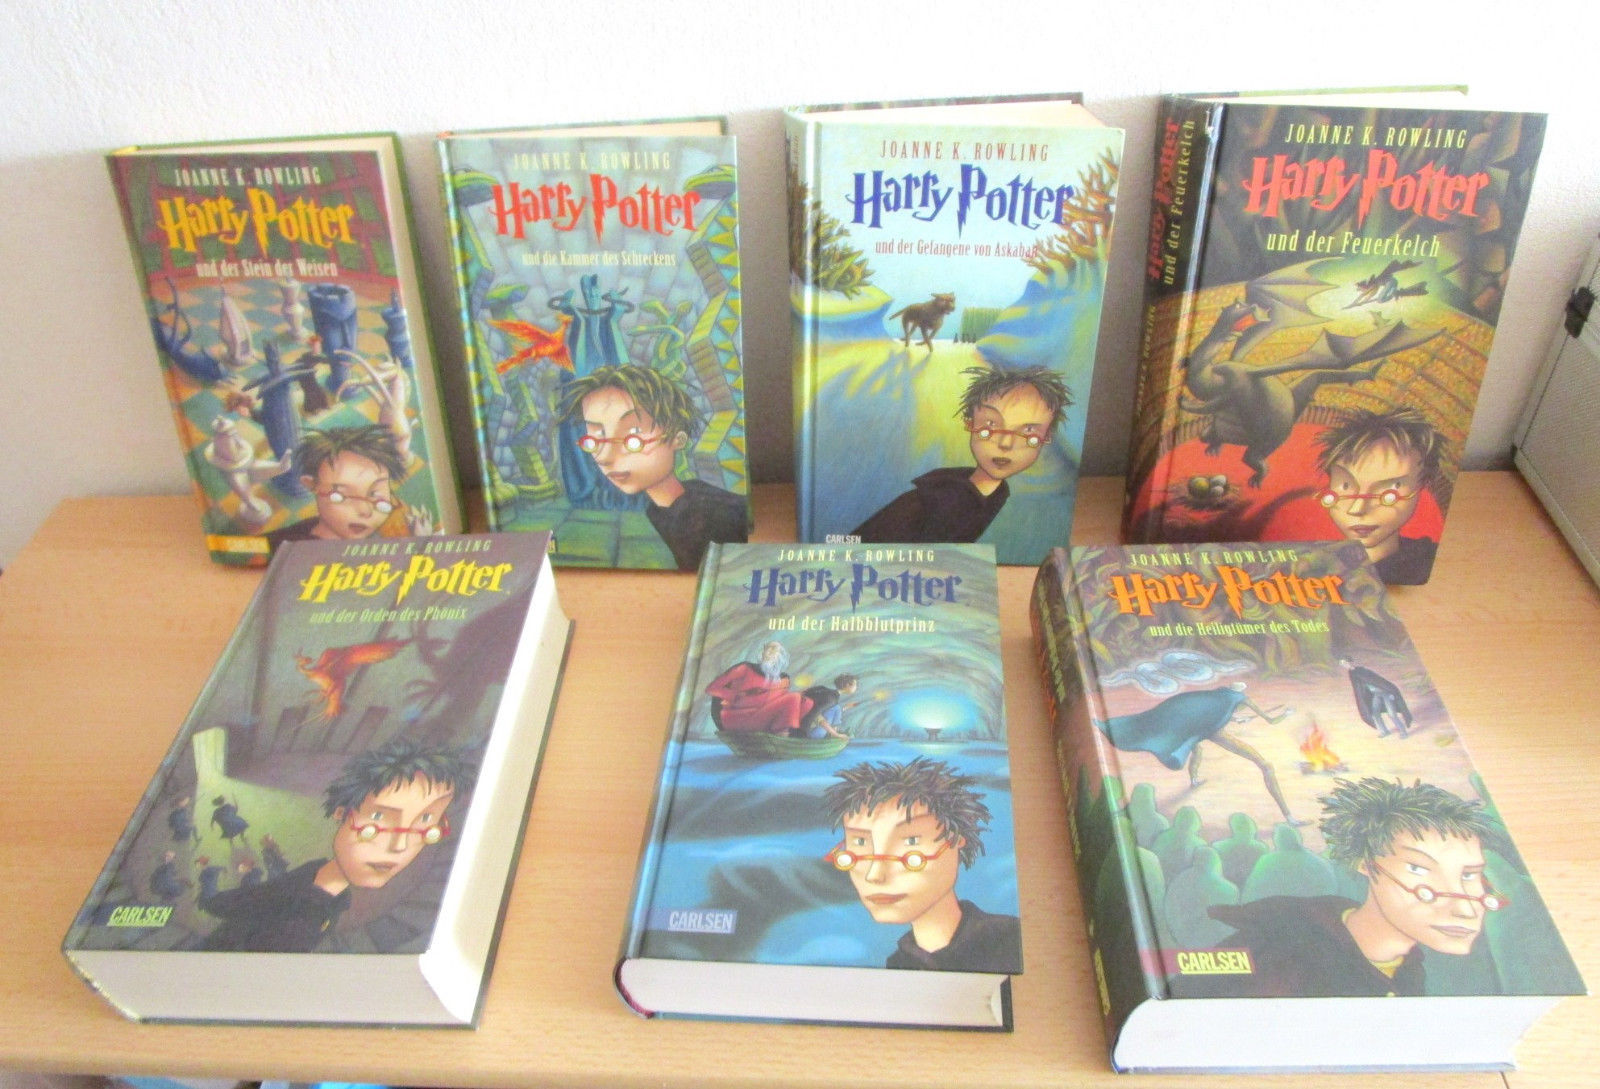 Harry Potter komplett Reihe Bände 1 - 7 Sammlung in gebundene Ausgabe